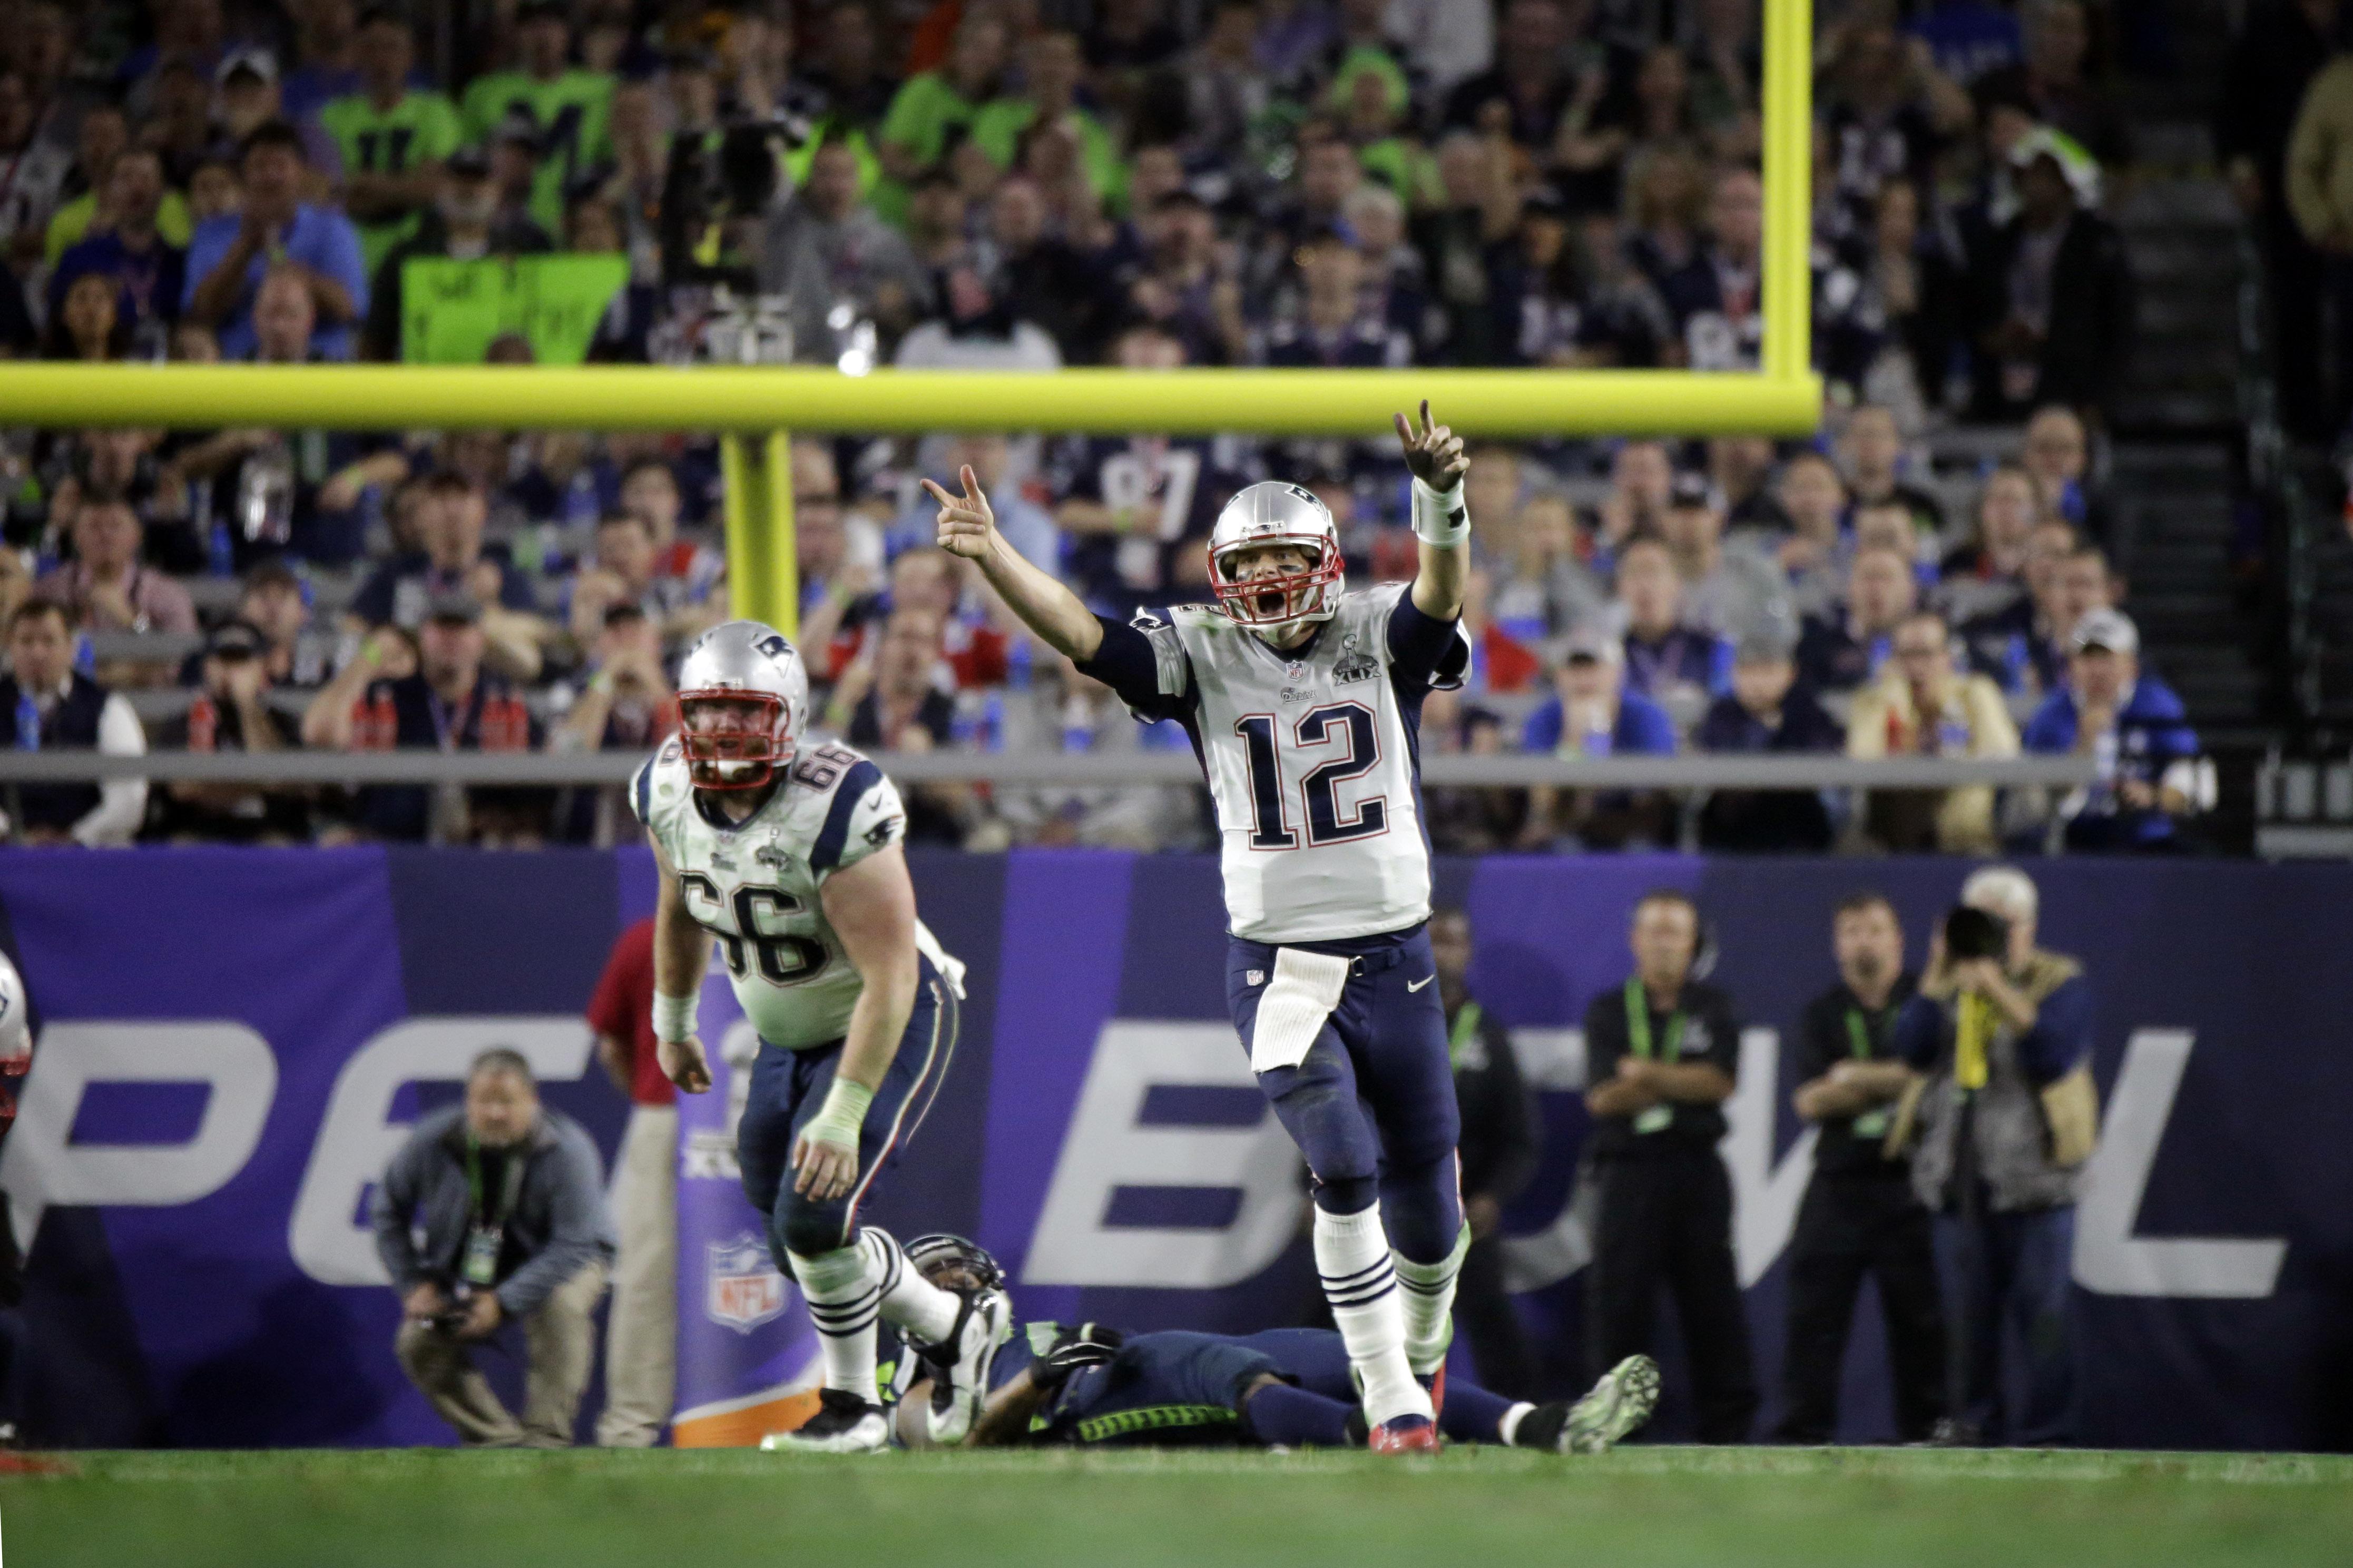 Meiste Super Bowl Siege